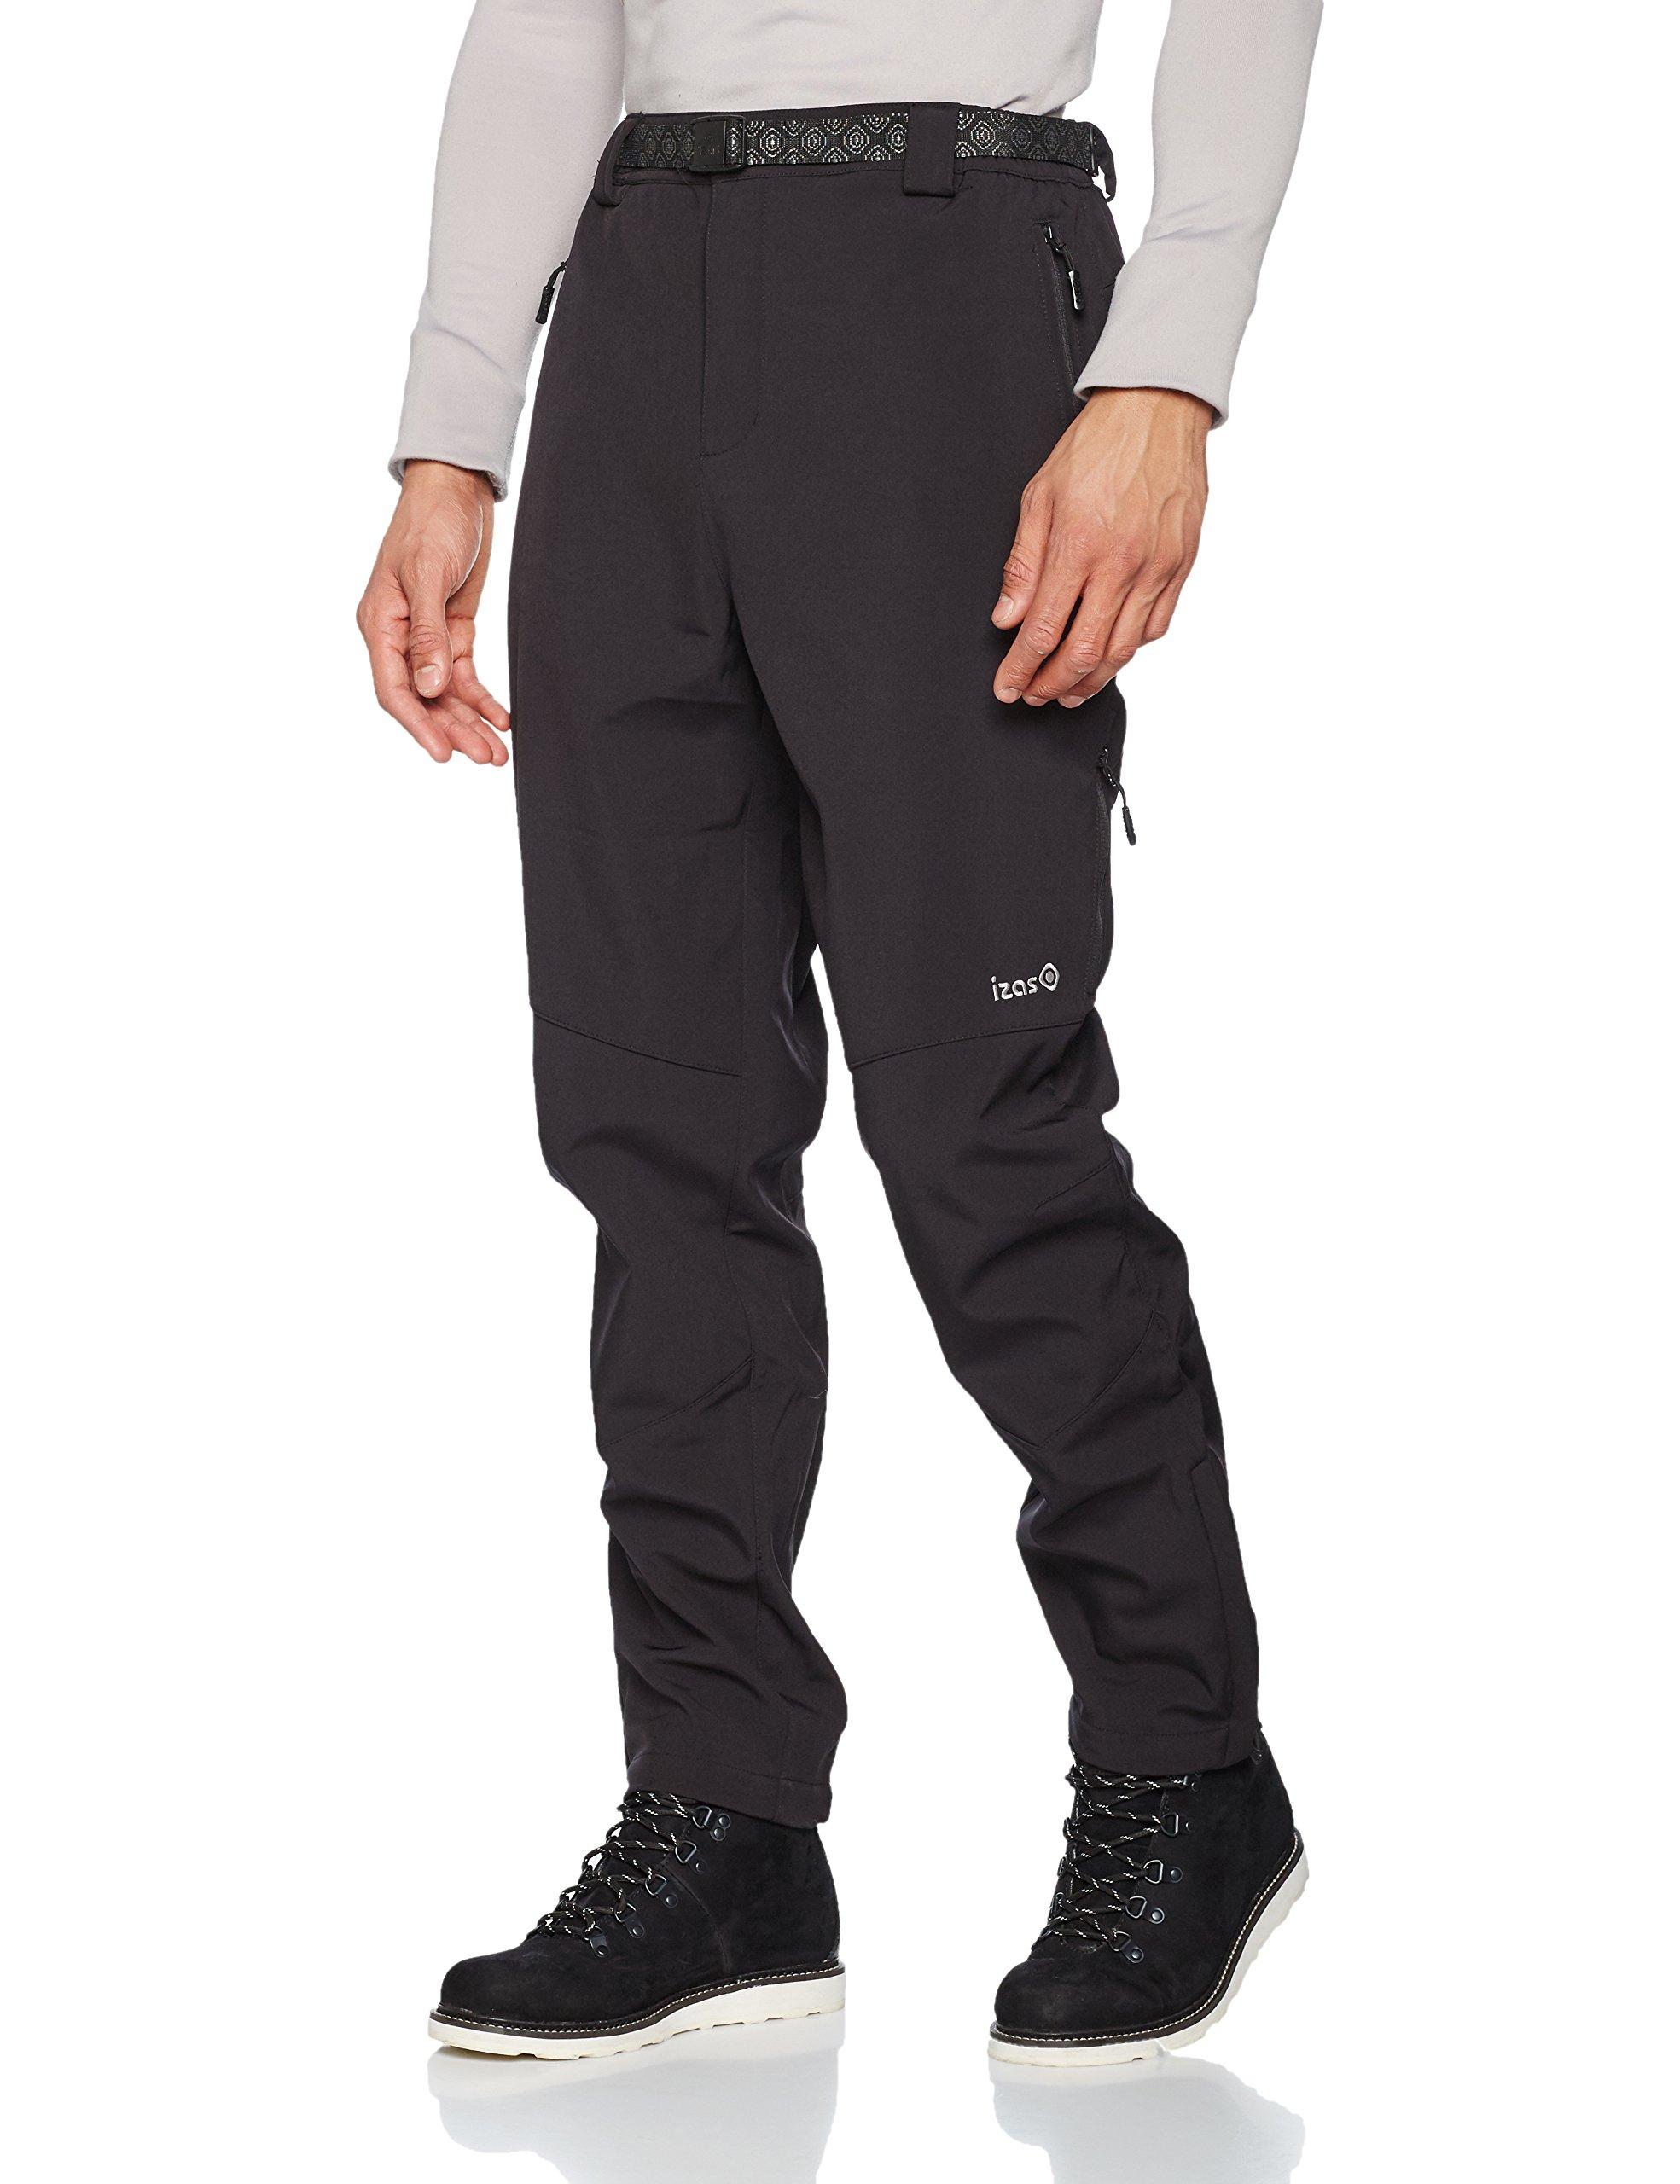 Izas Grouser Pantalón de montaña, Hombre, Negro, XXL product image